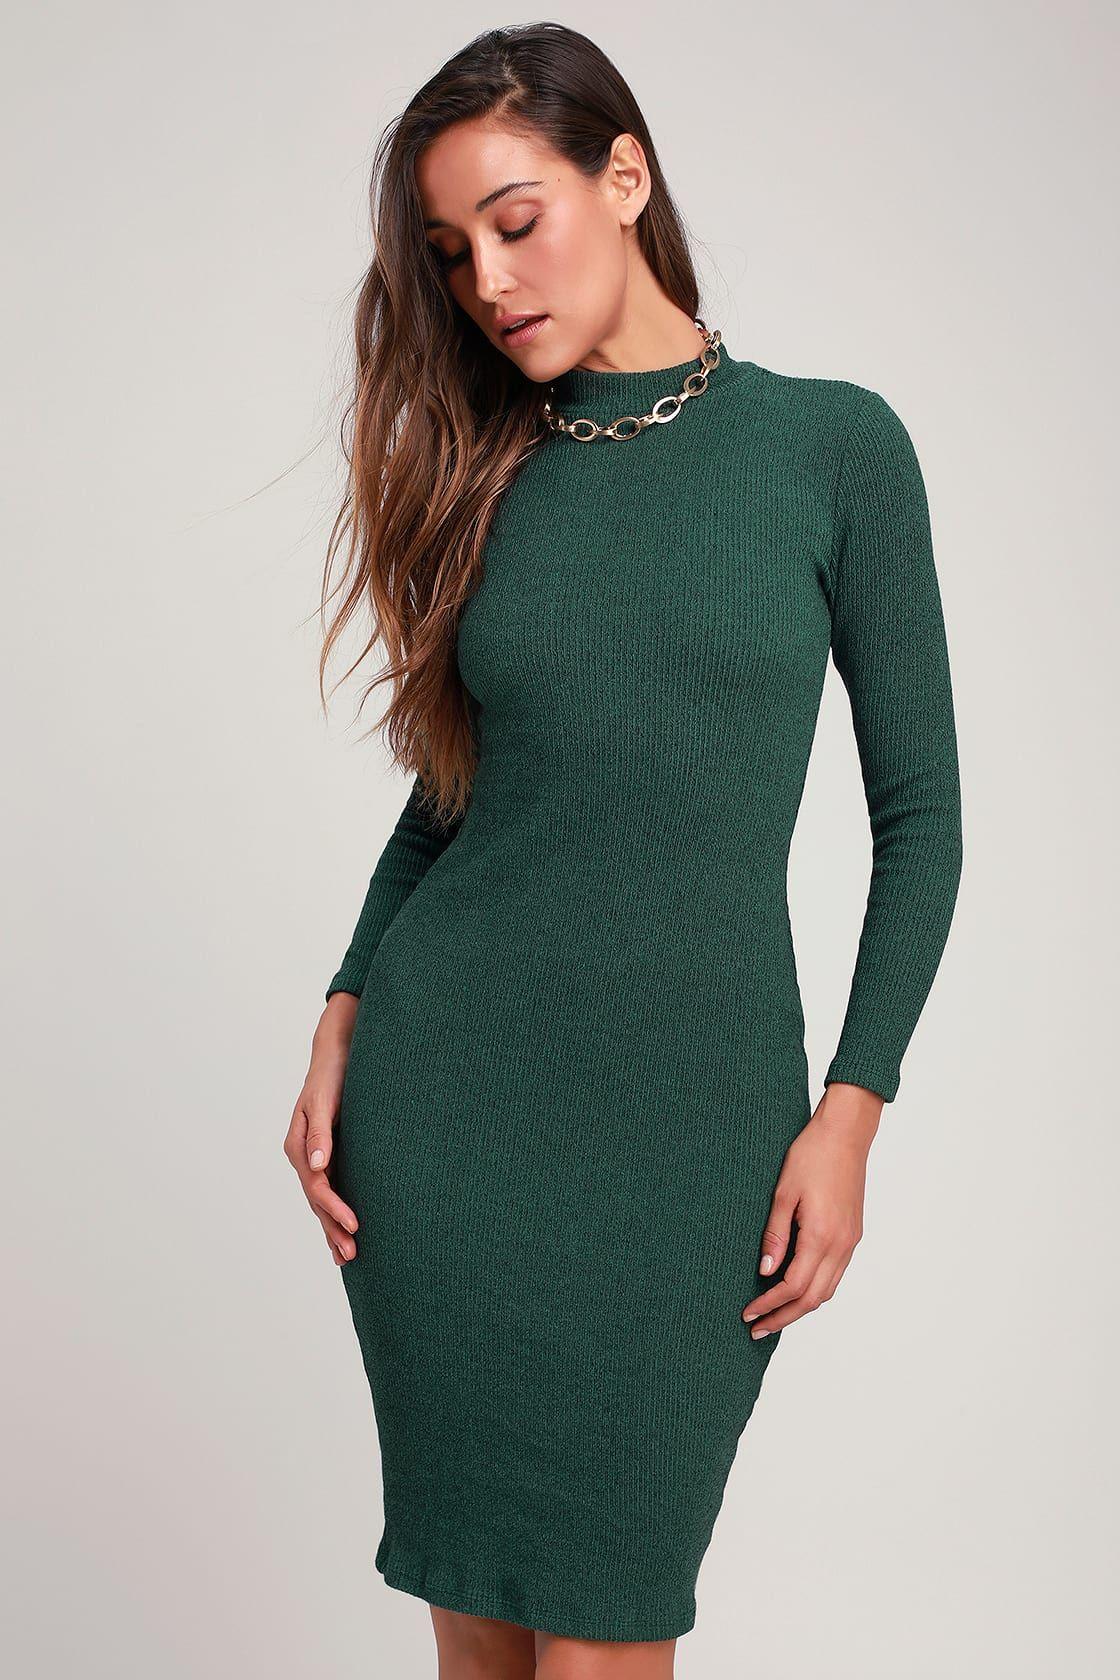 I Mist You Heather Dark Green Midi Sweater Dress Ribbed Bodycon Midi Dress Sweater Dress Sweater Dress Midi [ 1680 x 1120 Pixel ]